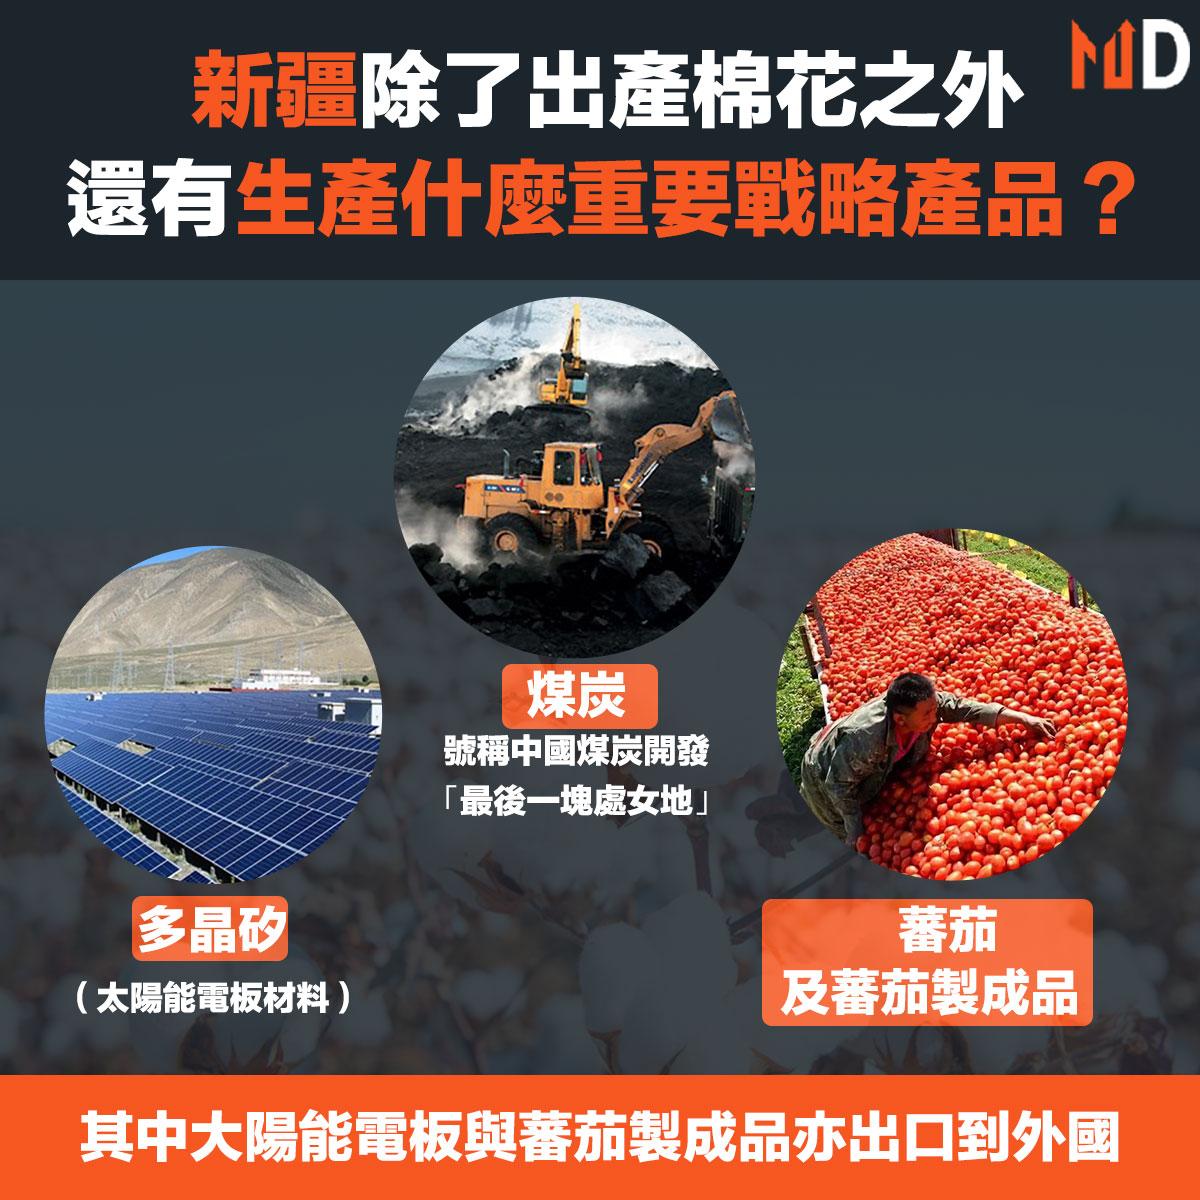 新疆除了出產棉花之外,棉花、煤炭、化學品、糖、蕃茄(以及製成品)和多晶矽(一種太陽能電池板材料)的主要產地